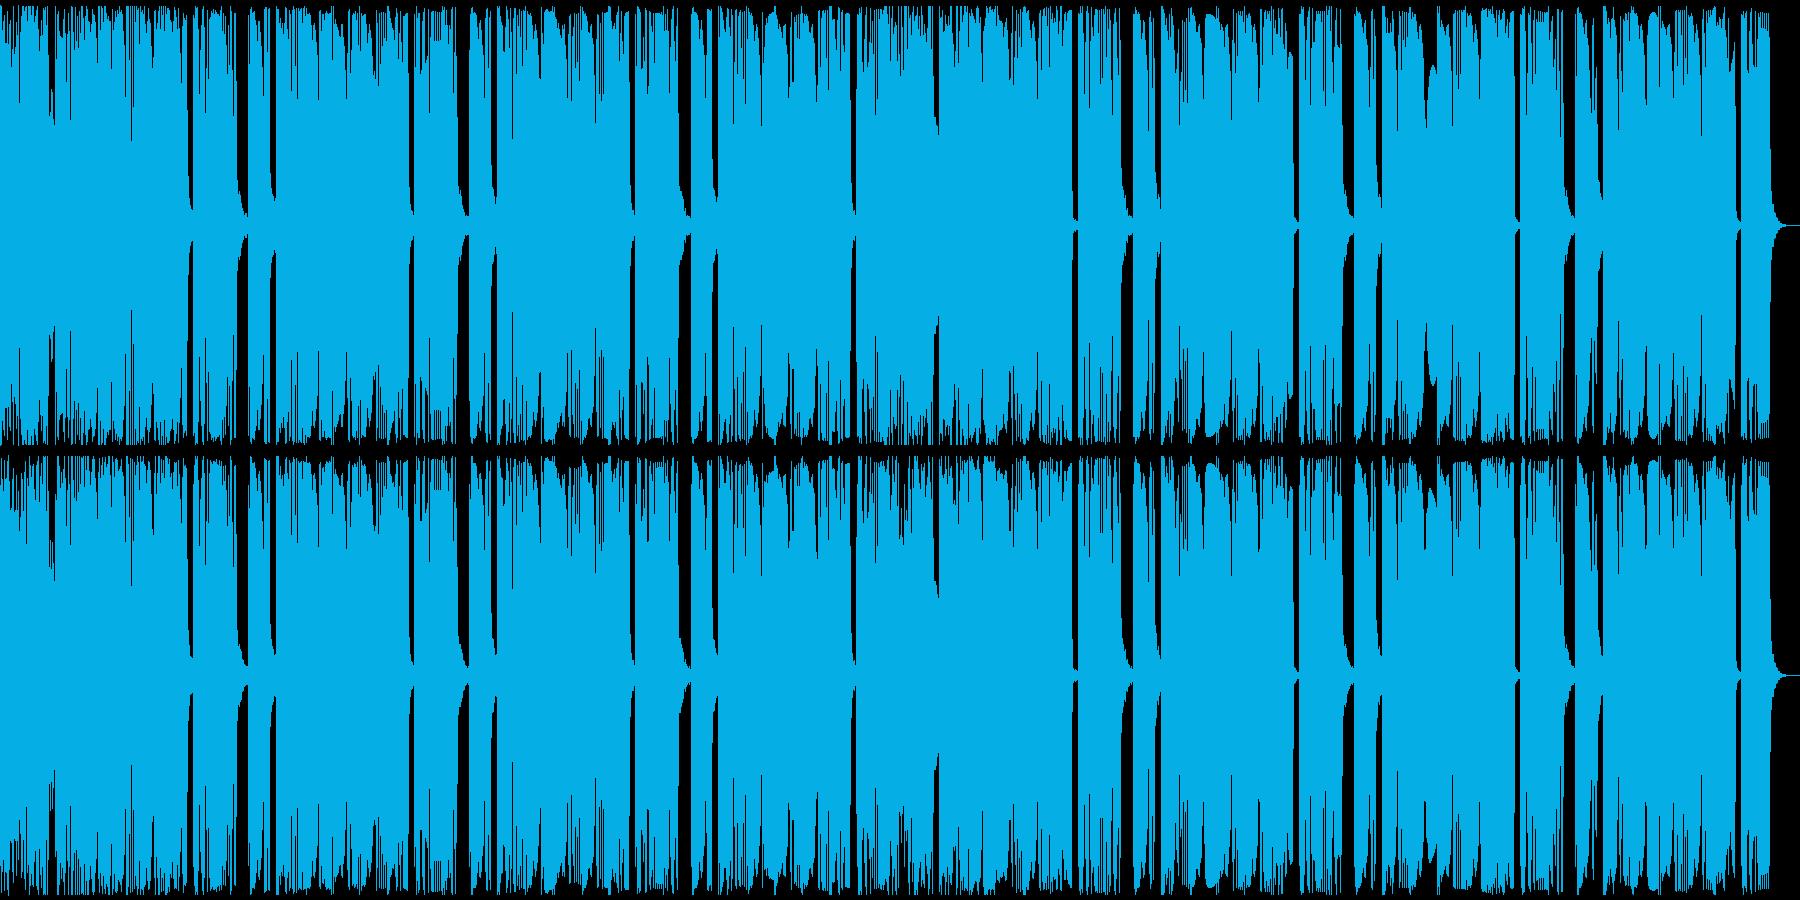 【アンビエント】ロング2、ジングル2の再生済みの波形